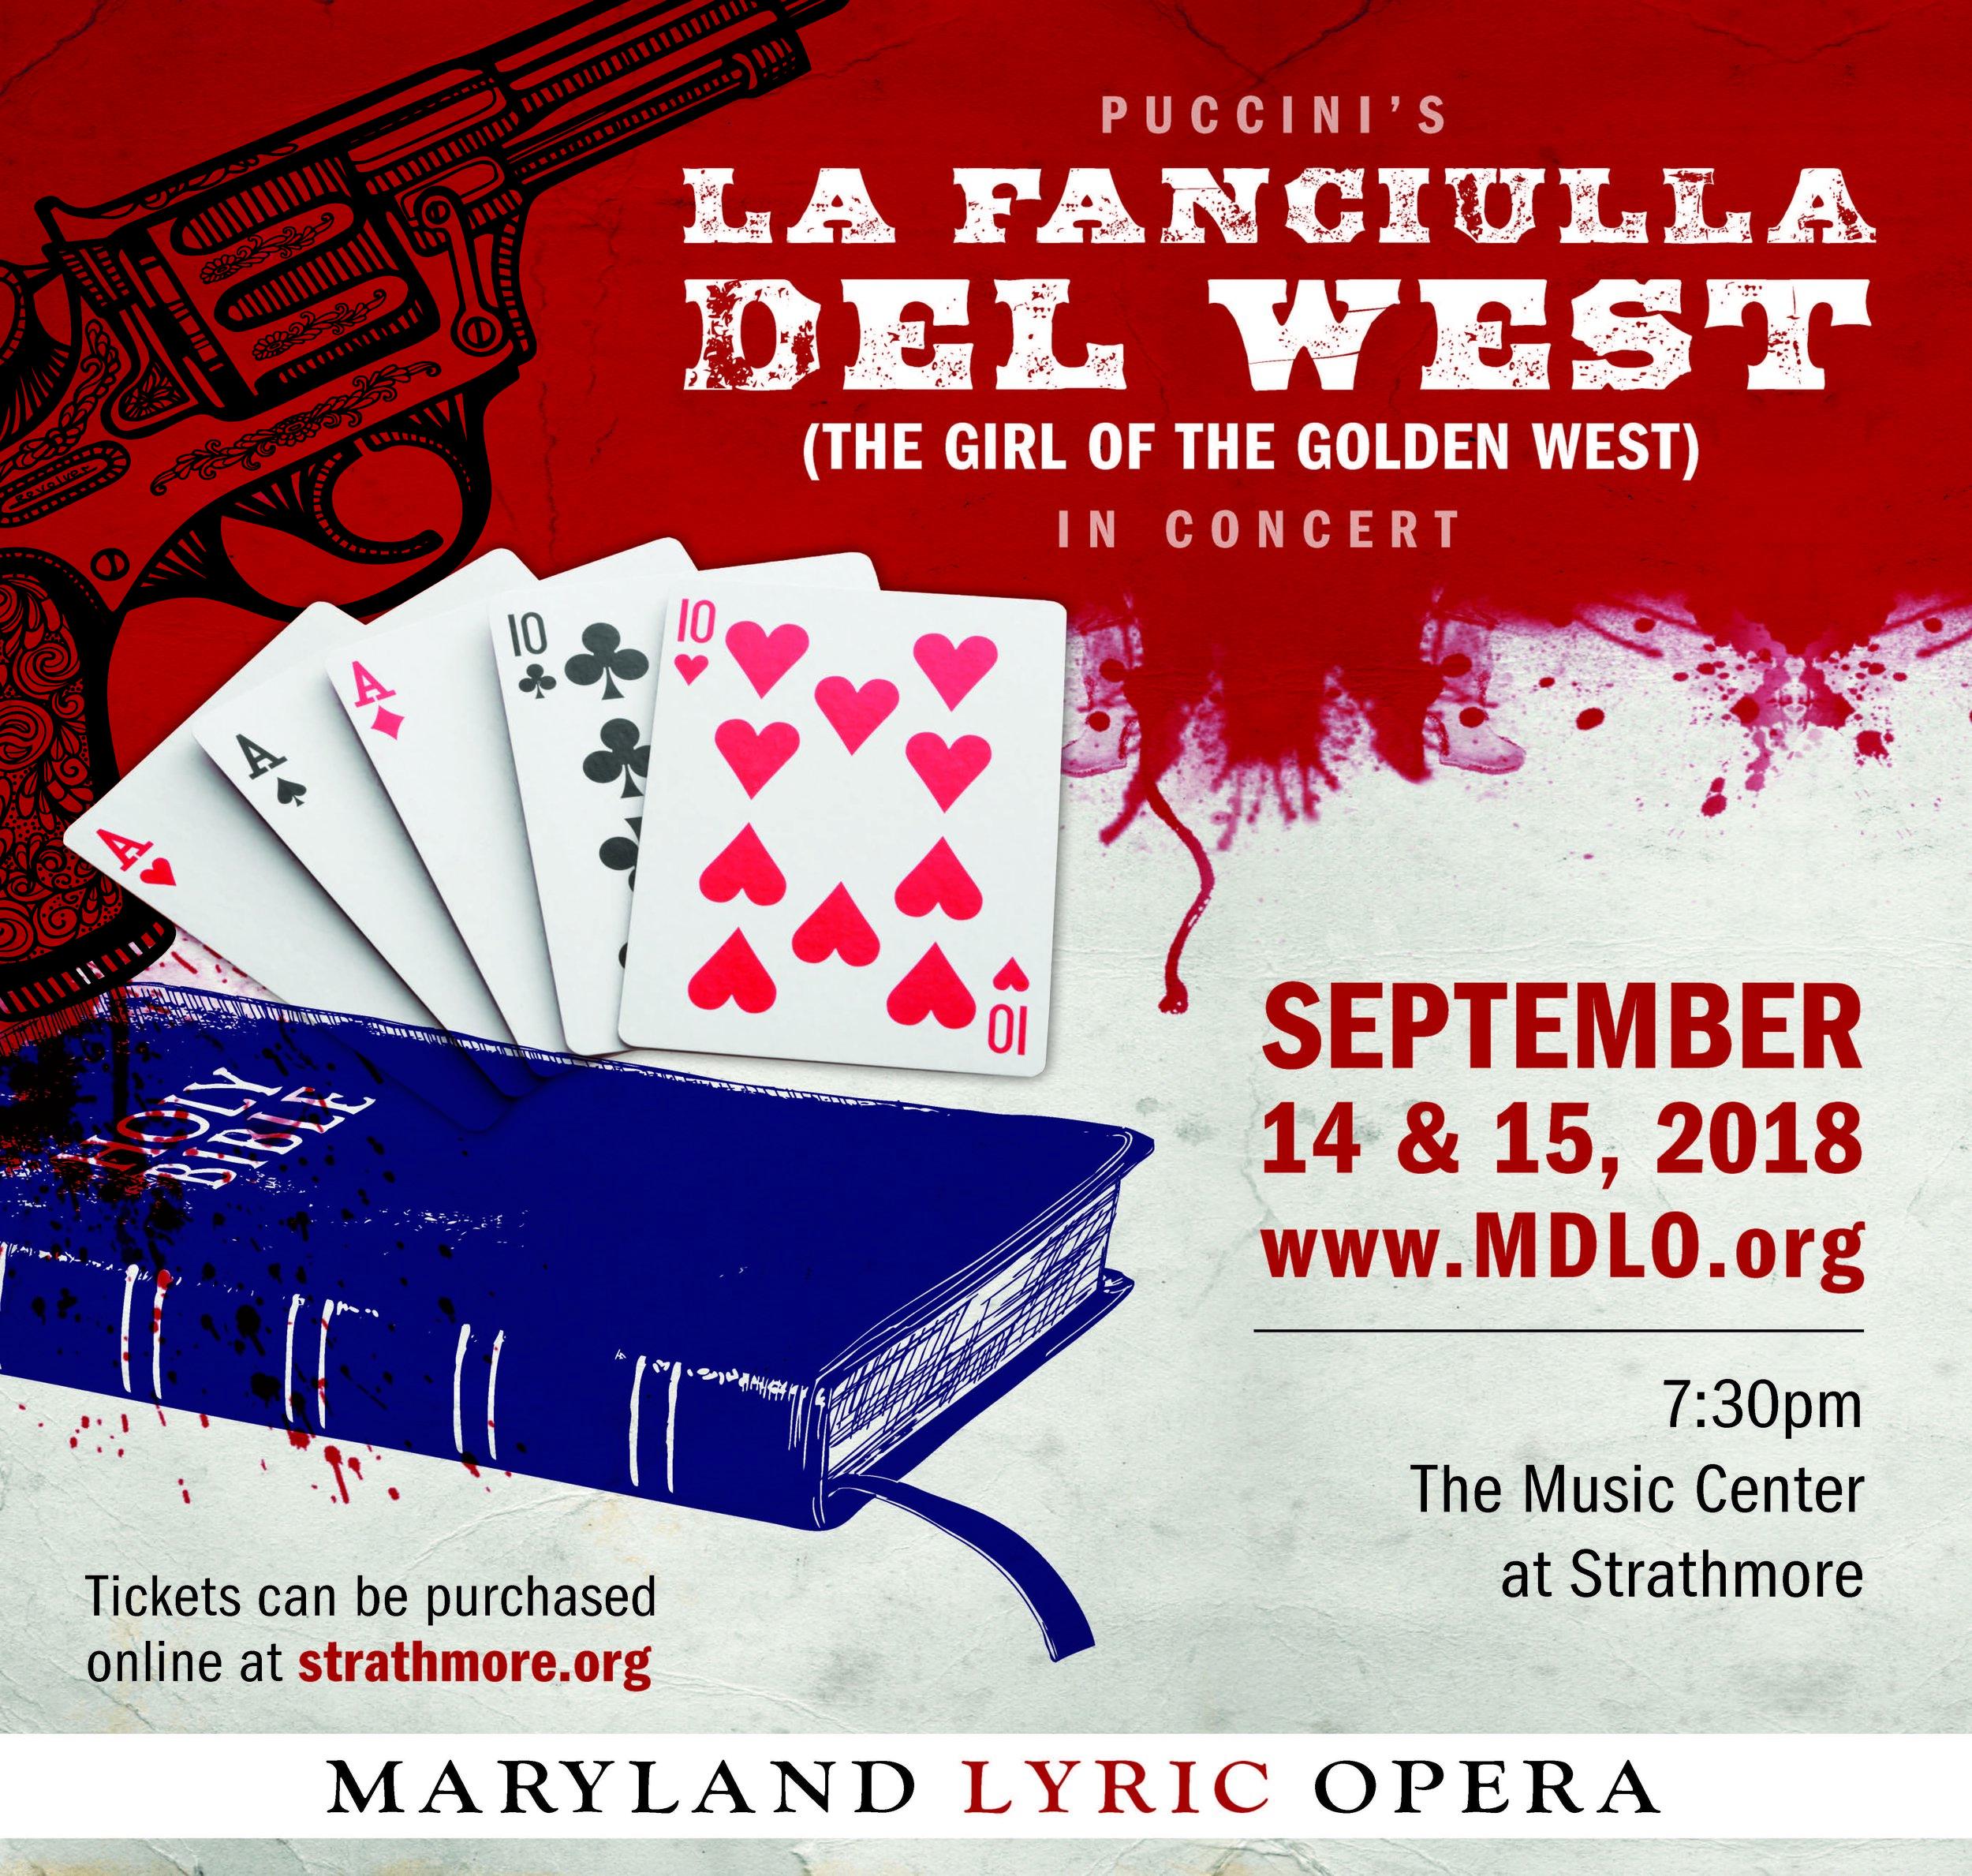 Poster courtesy of Maryland Lyric Opera.